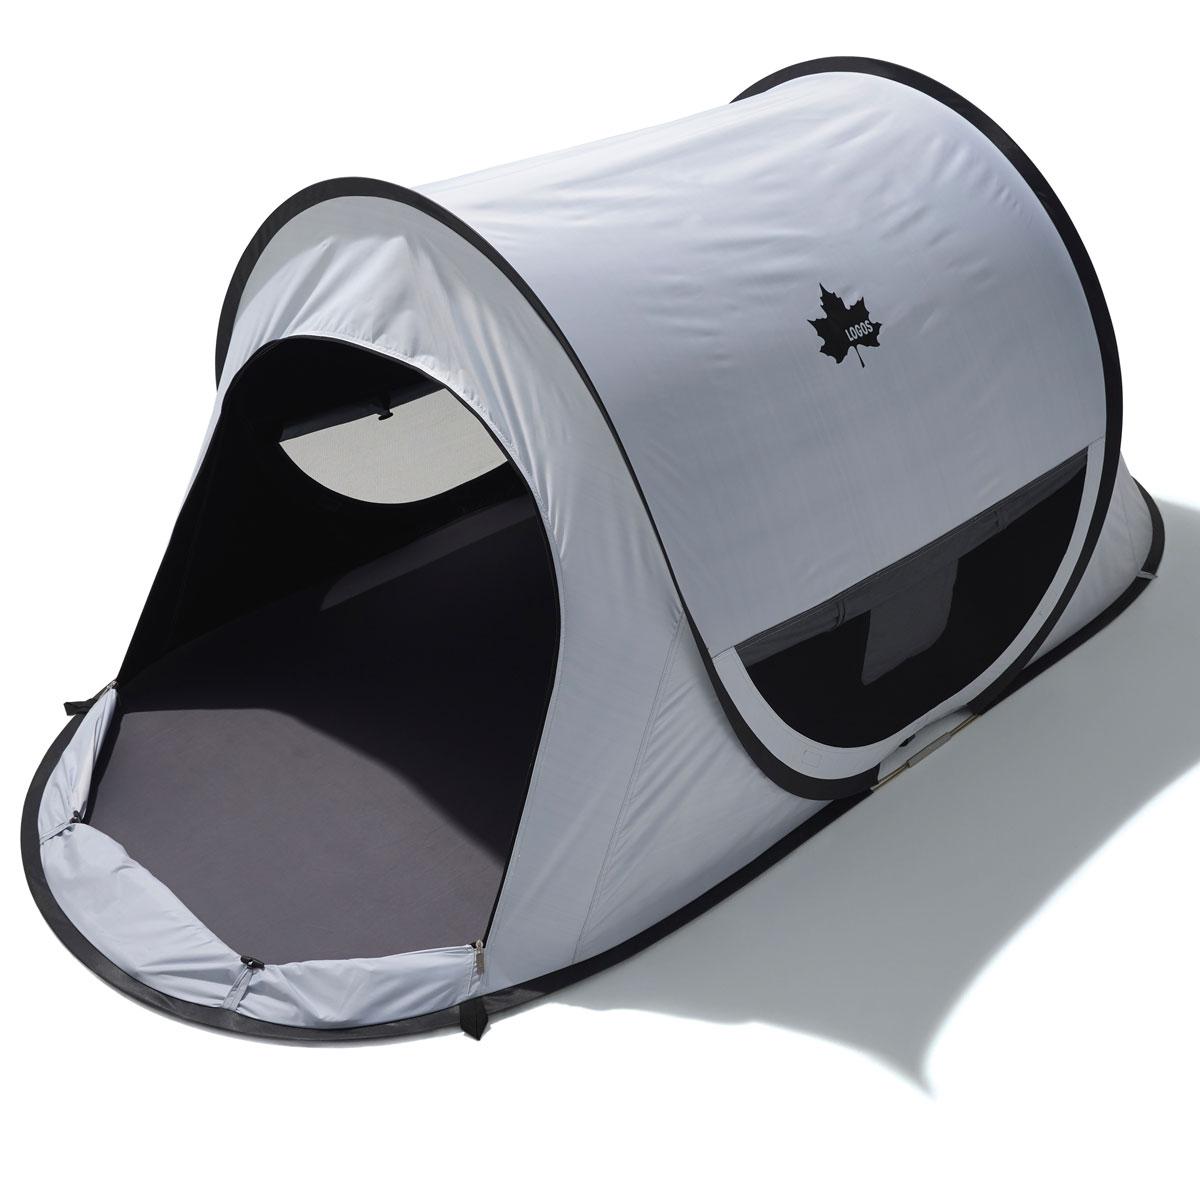 ロゴス(LOGOS) イベントテント・シェード ソーラーブロック ポップフルシェルター 71809033 テント タープ キャンプ アウトドア